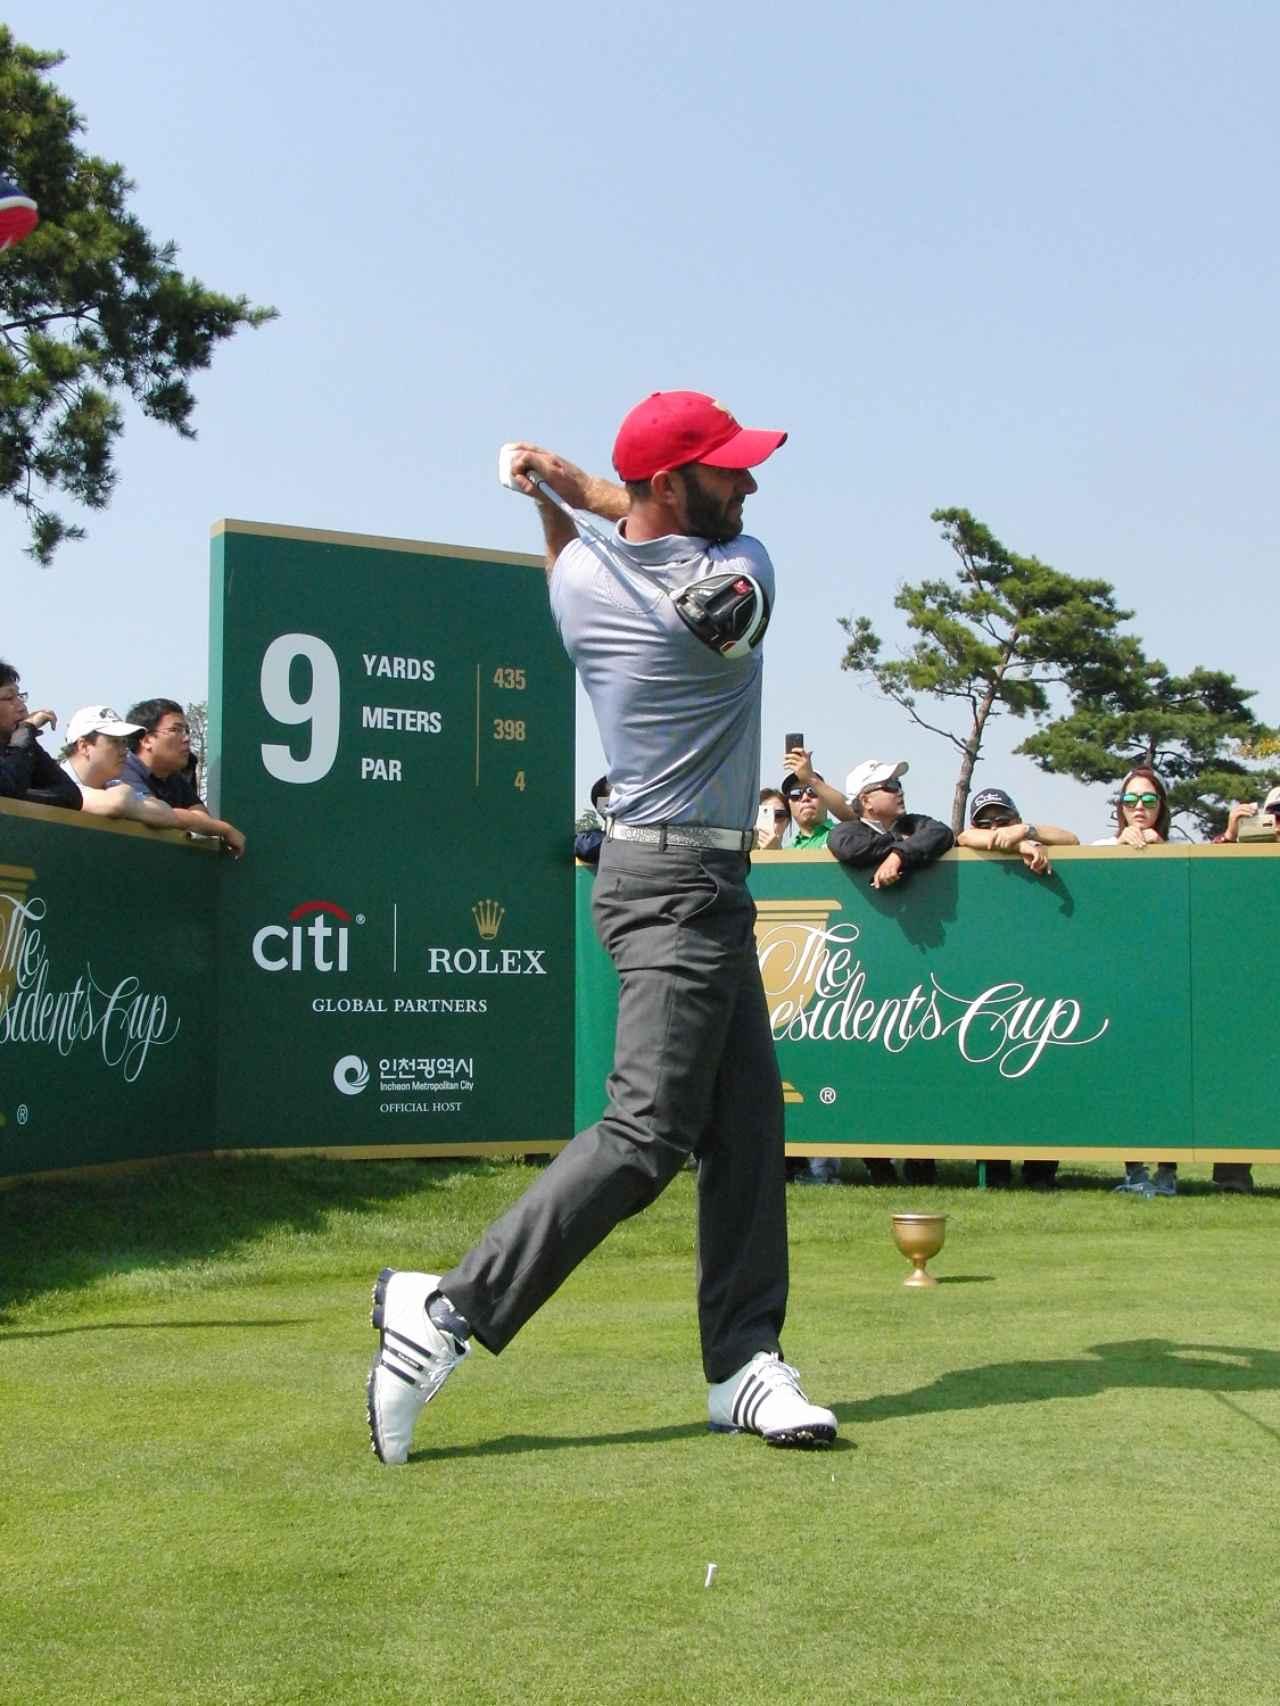 画像9: ダスティン・ジョンソンのココが凄い!PGAツアー スウィング超解説④